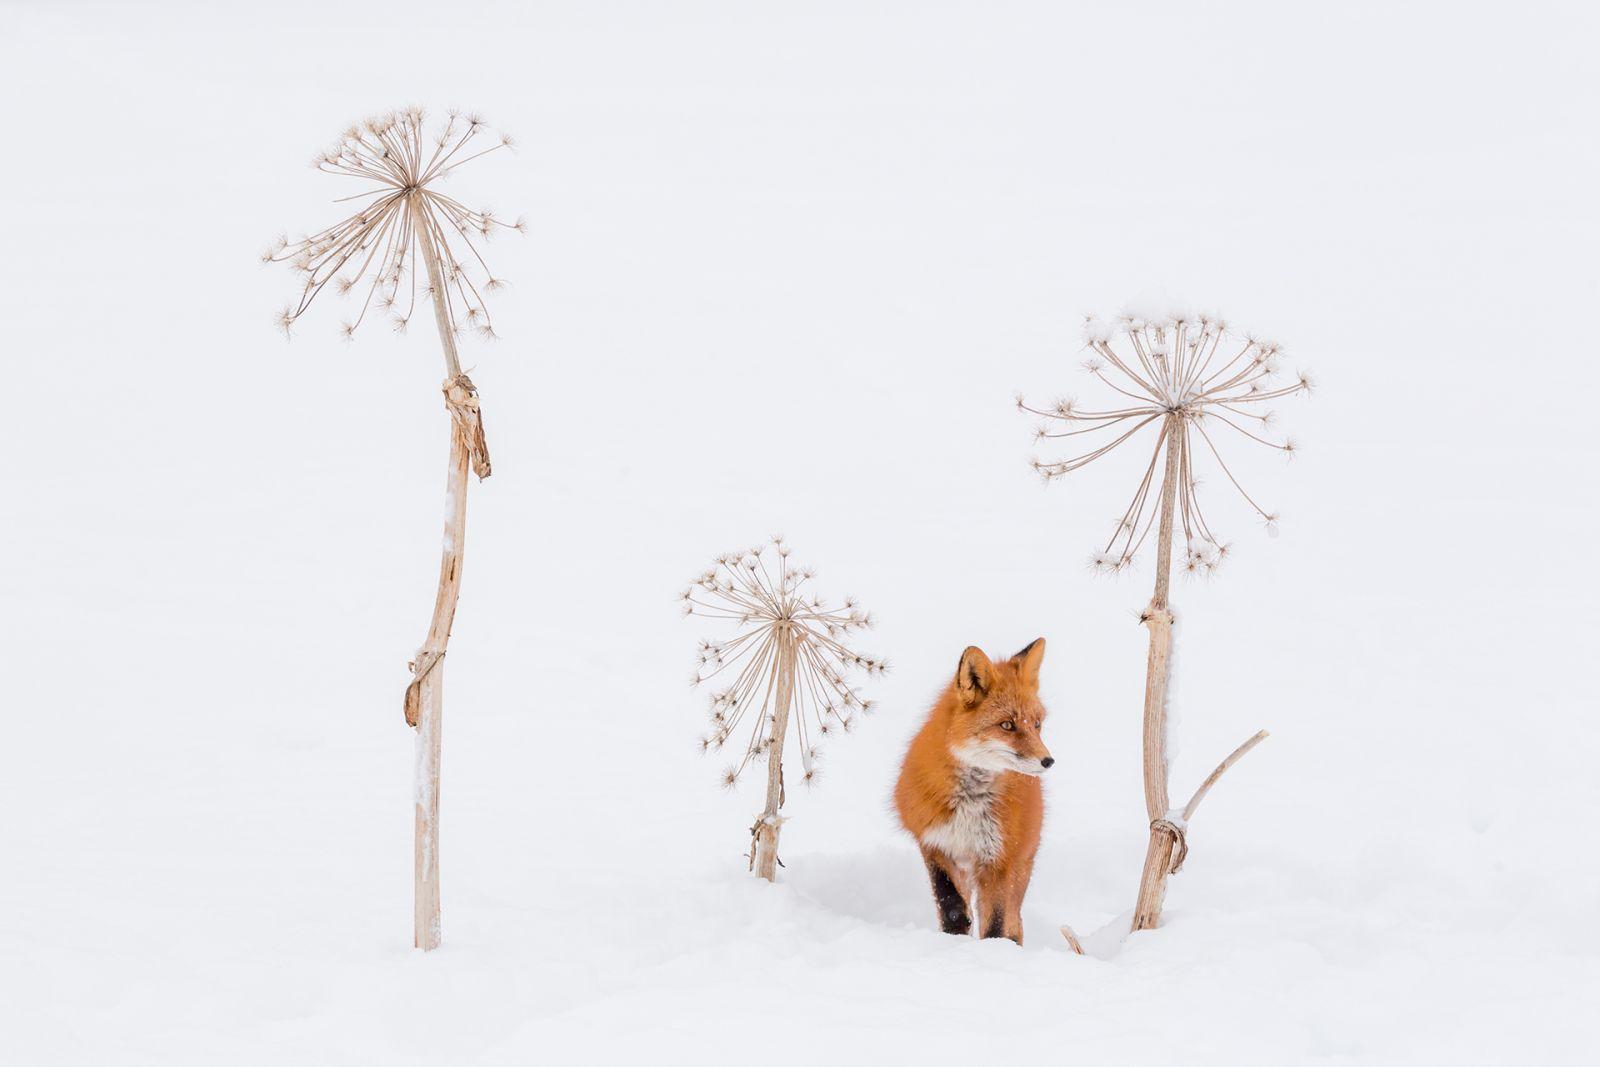 Спрятался, Денис Будьков, поселок Термальный, полуостров Камчатка, Номинация «Дикие животные», Фотоконкурс «Самая красива страна»